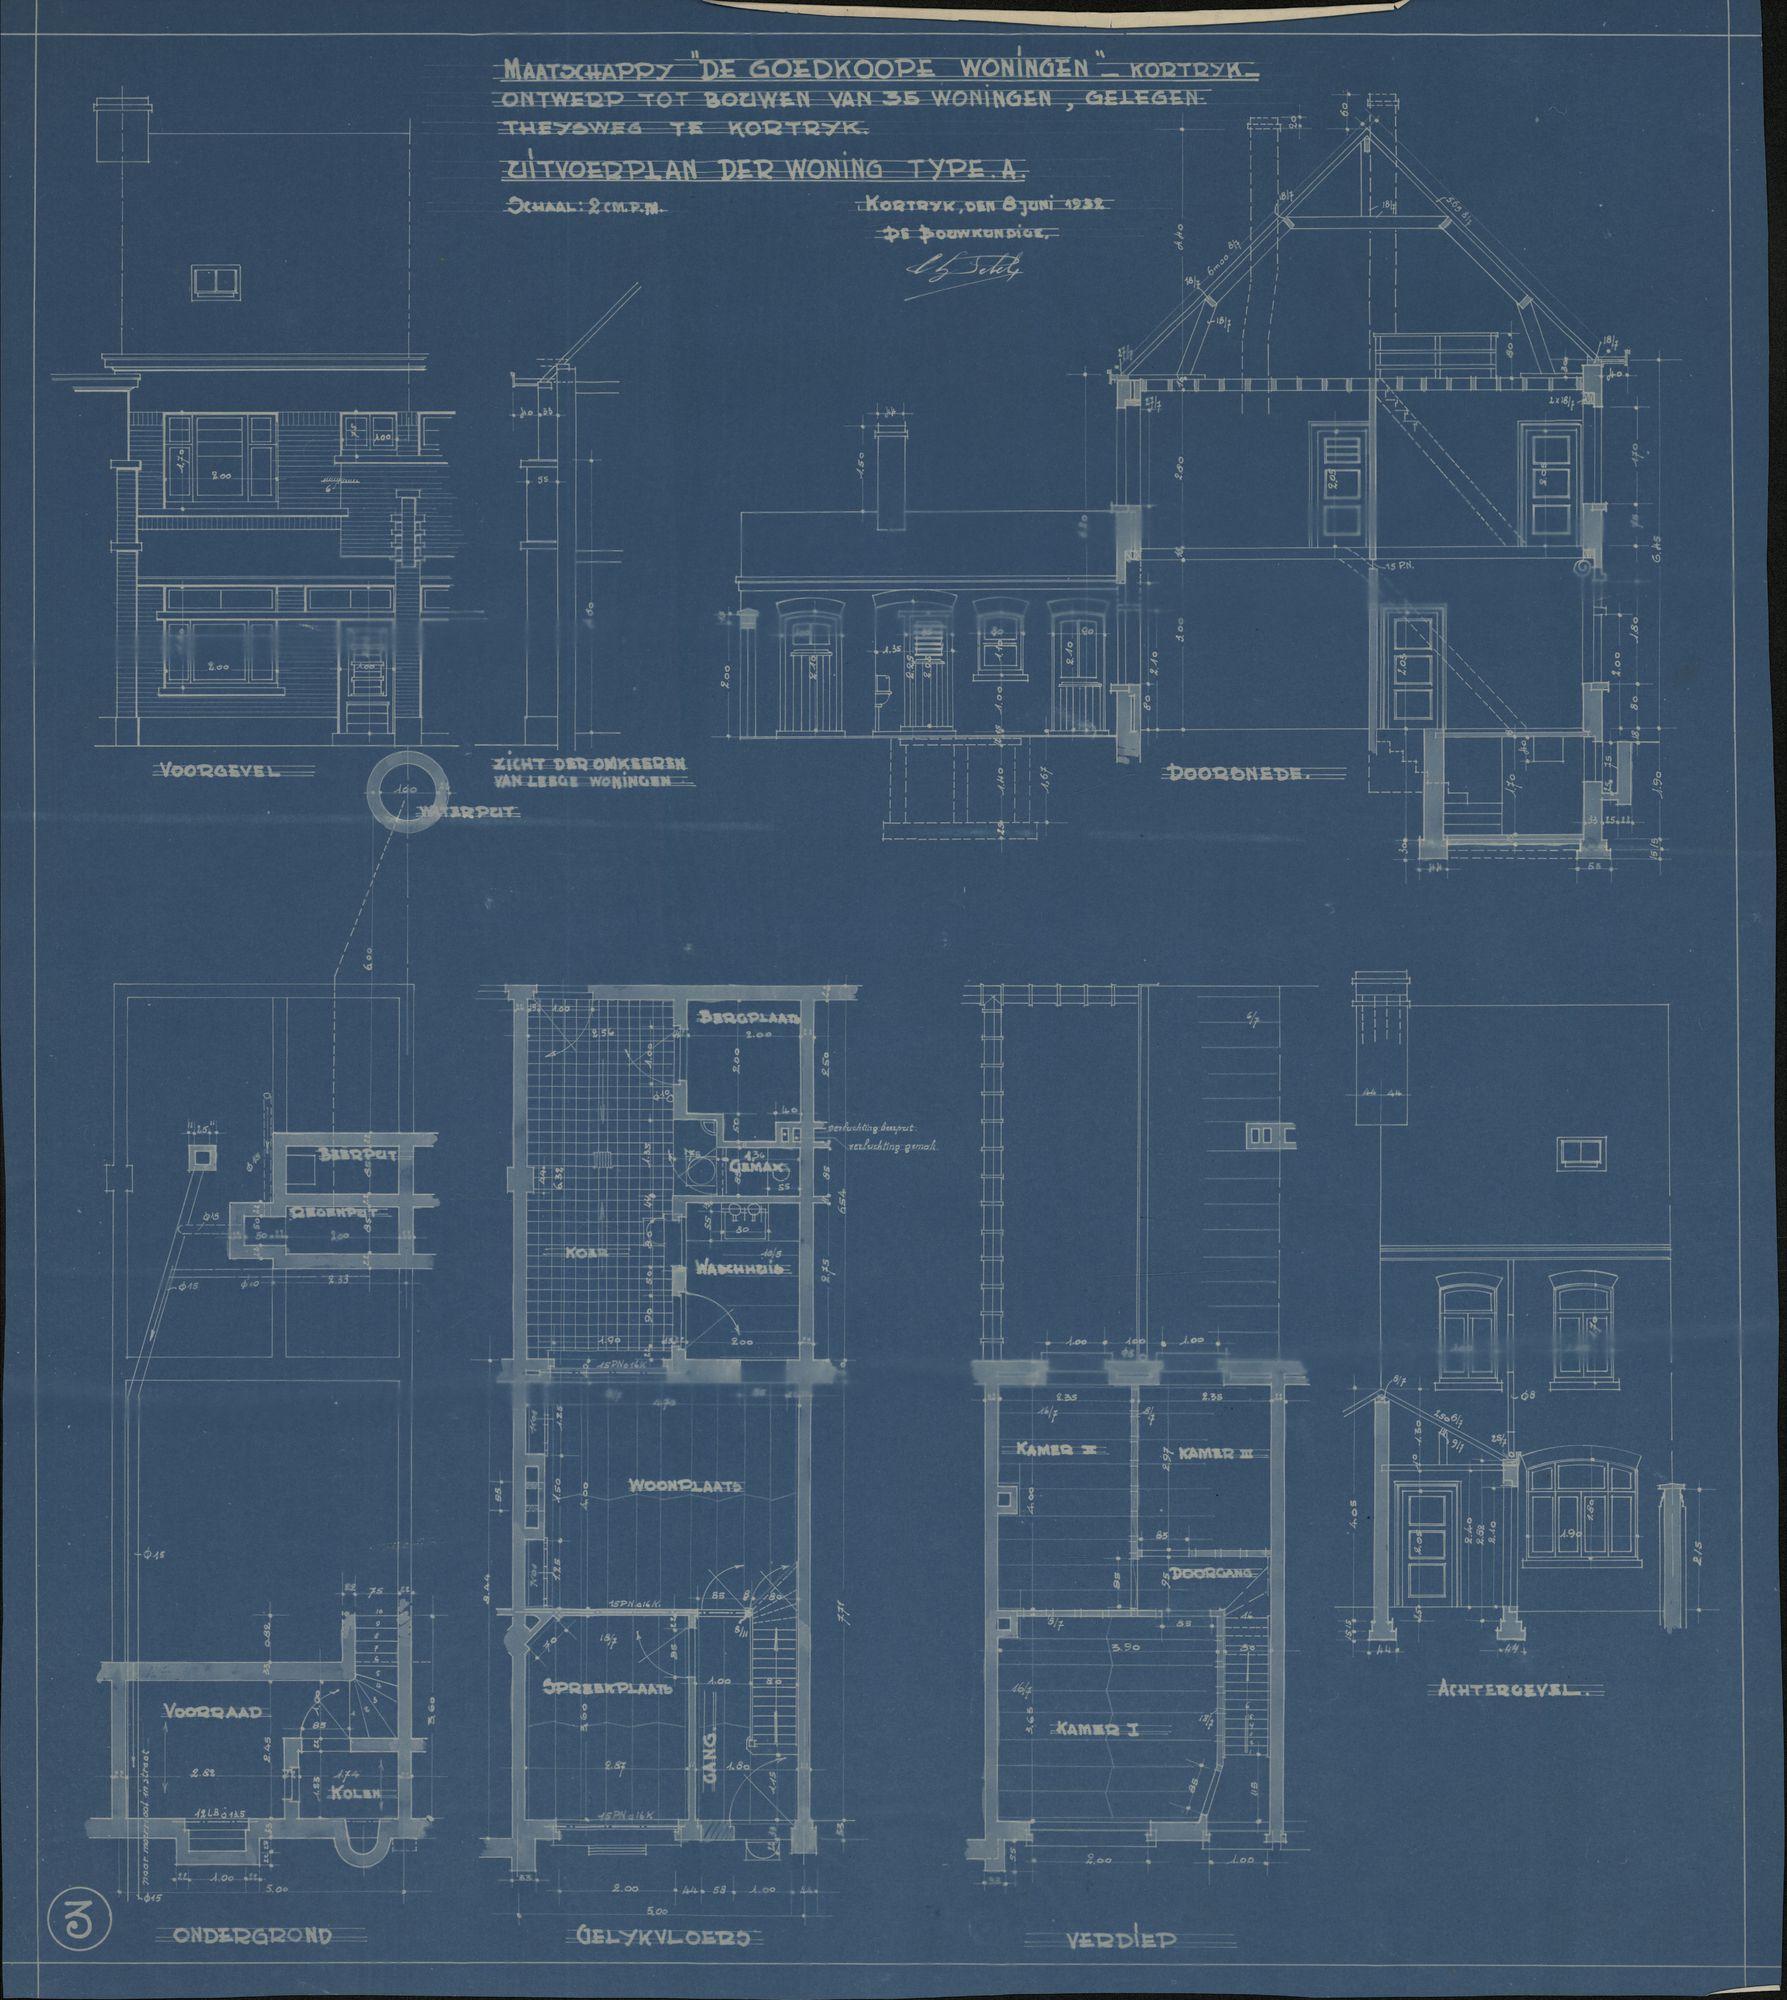 Bouwplannen voor het bouwen van goedkope woningen door de maatschappij van goedkope woningen te Kortrijk, 1932